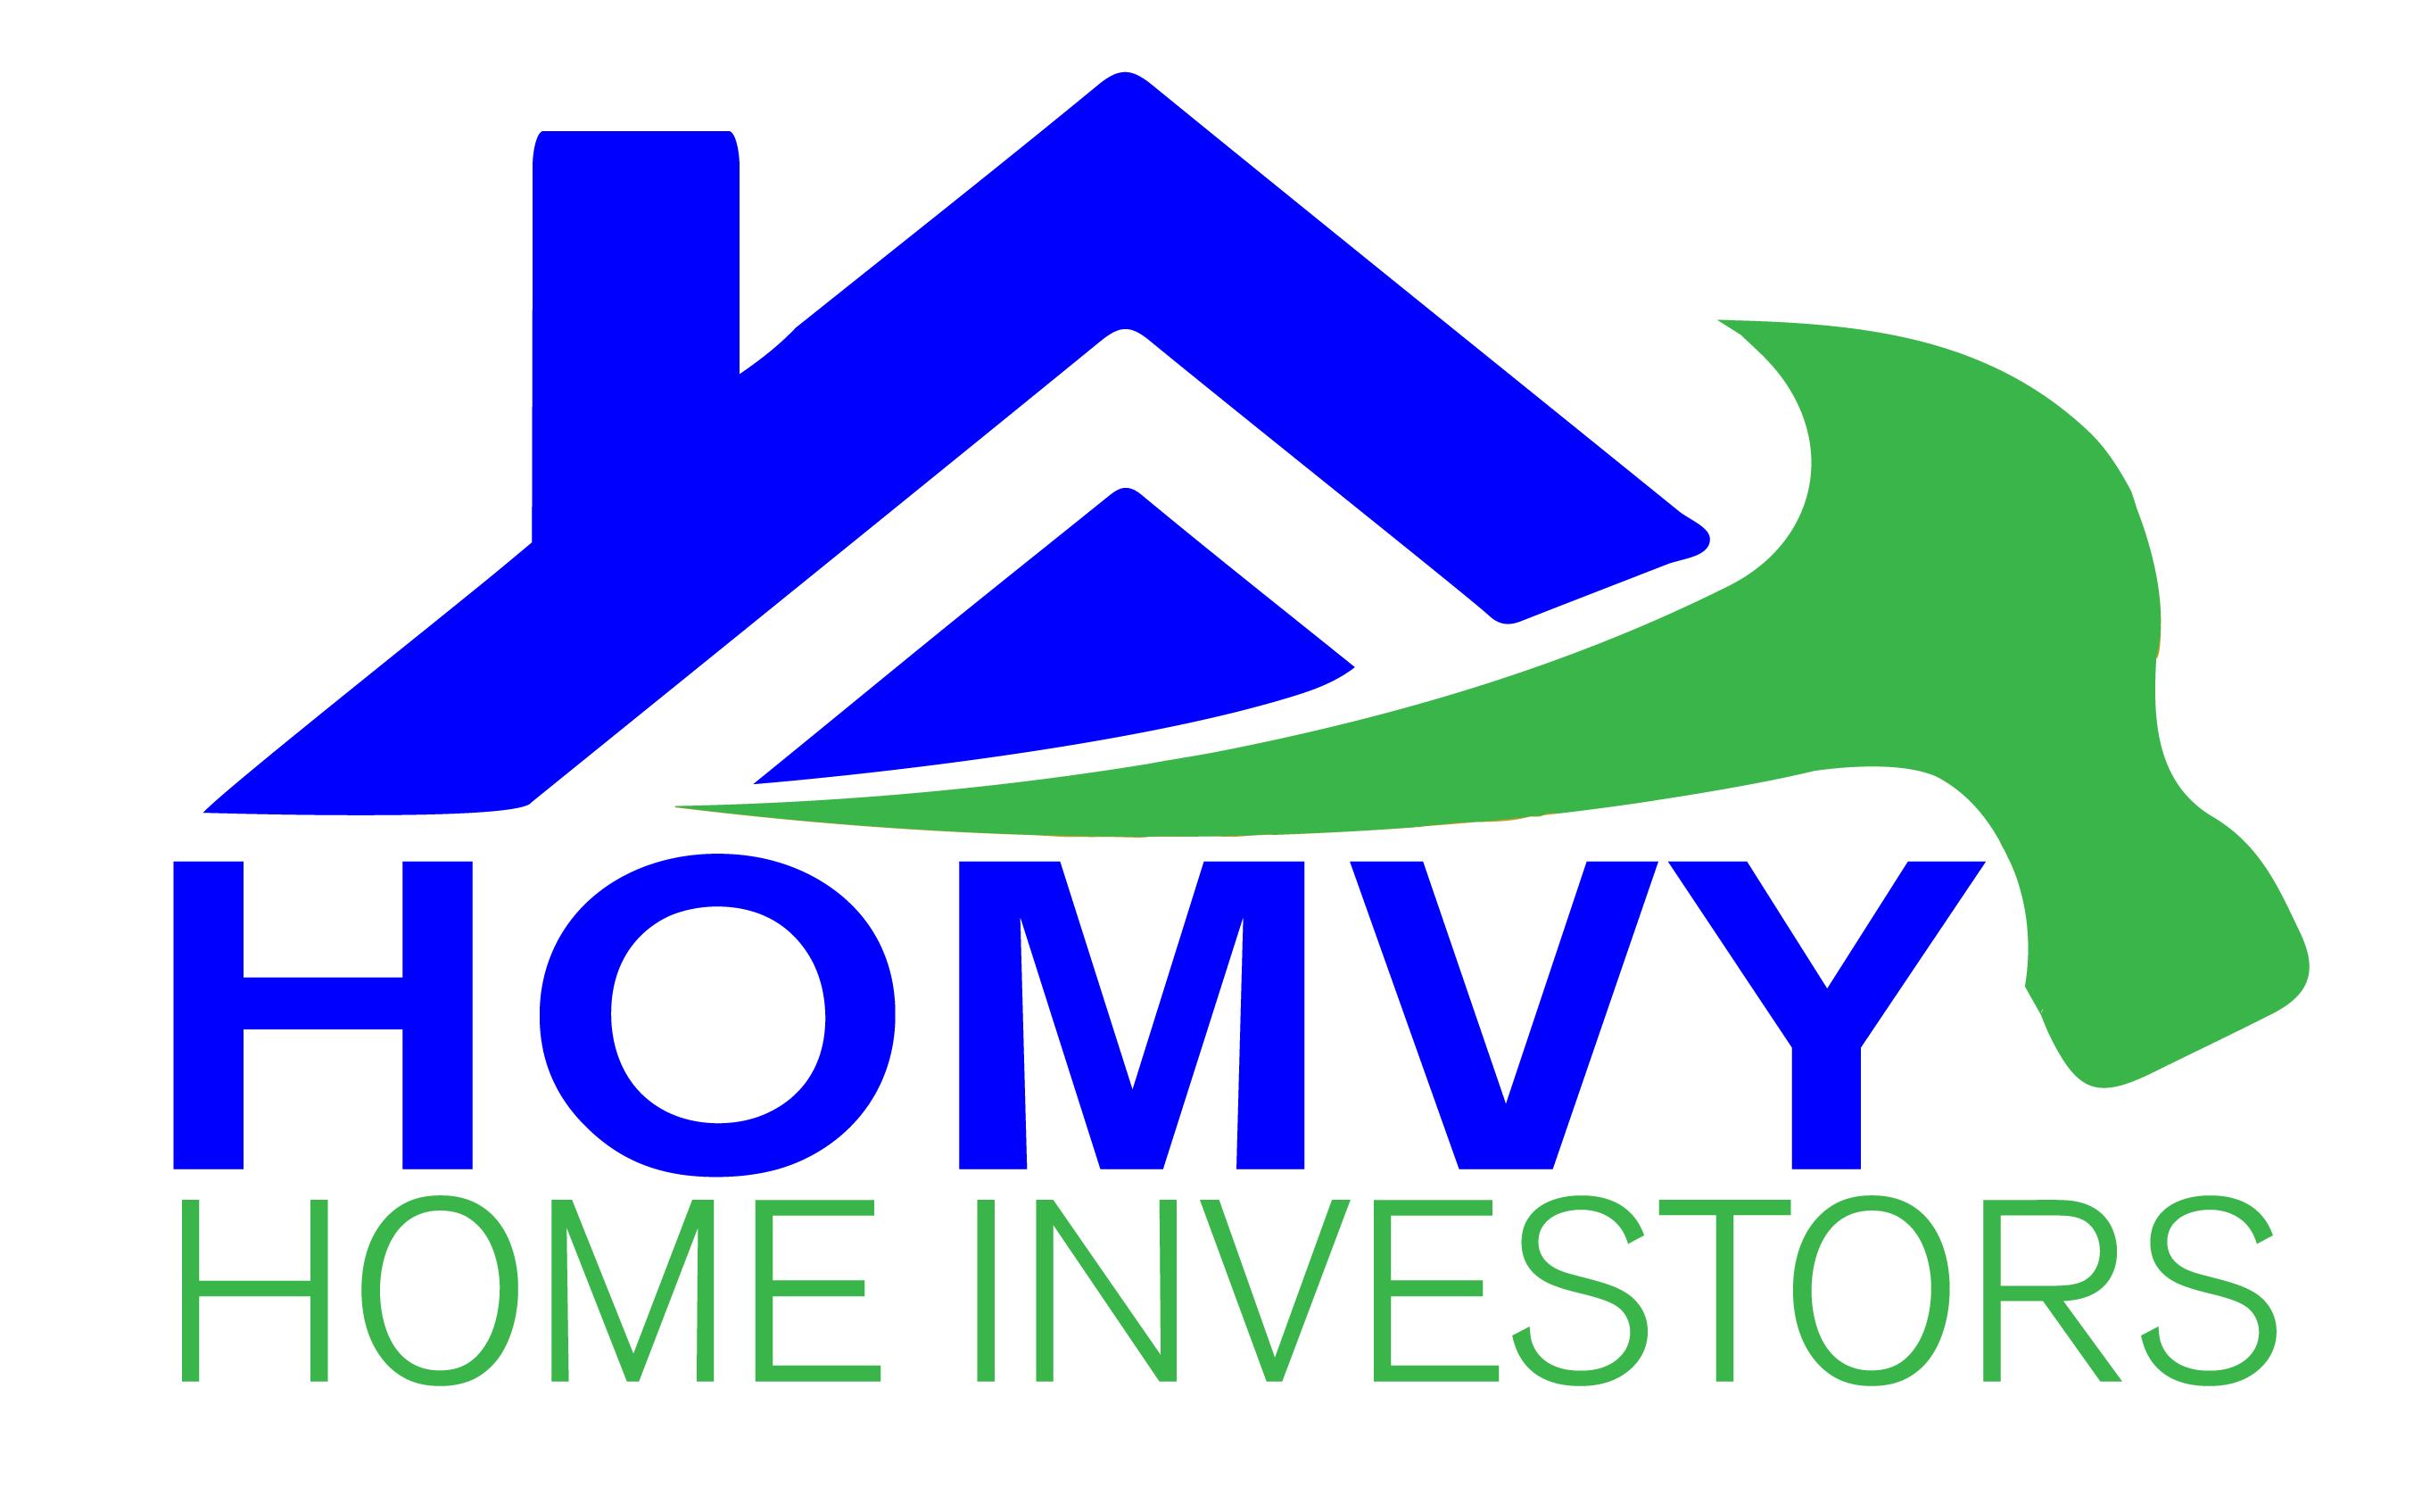 Homvy